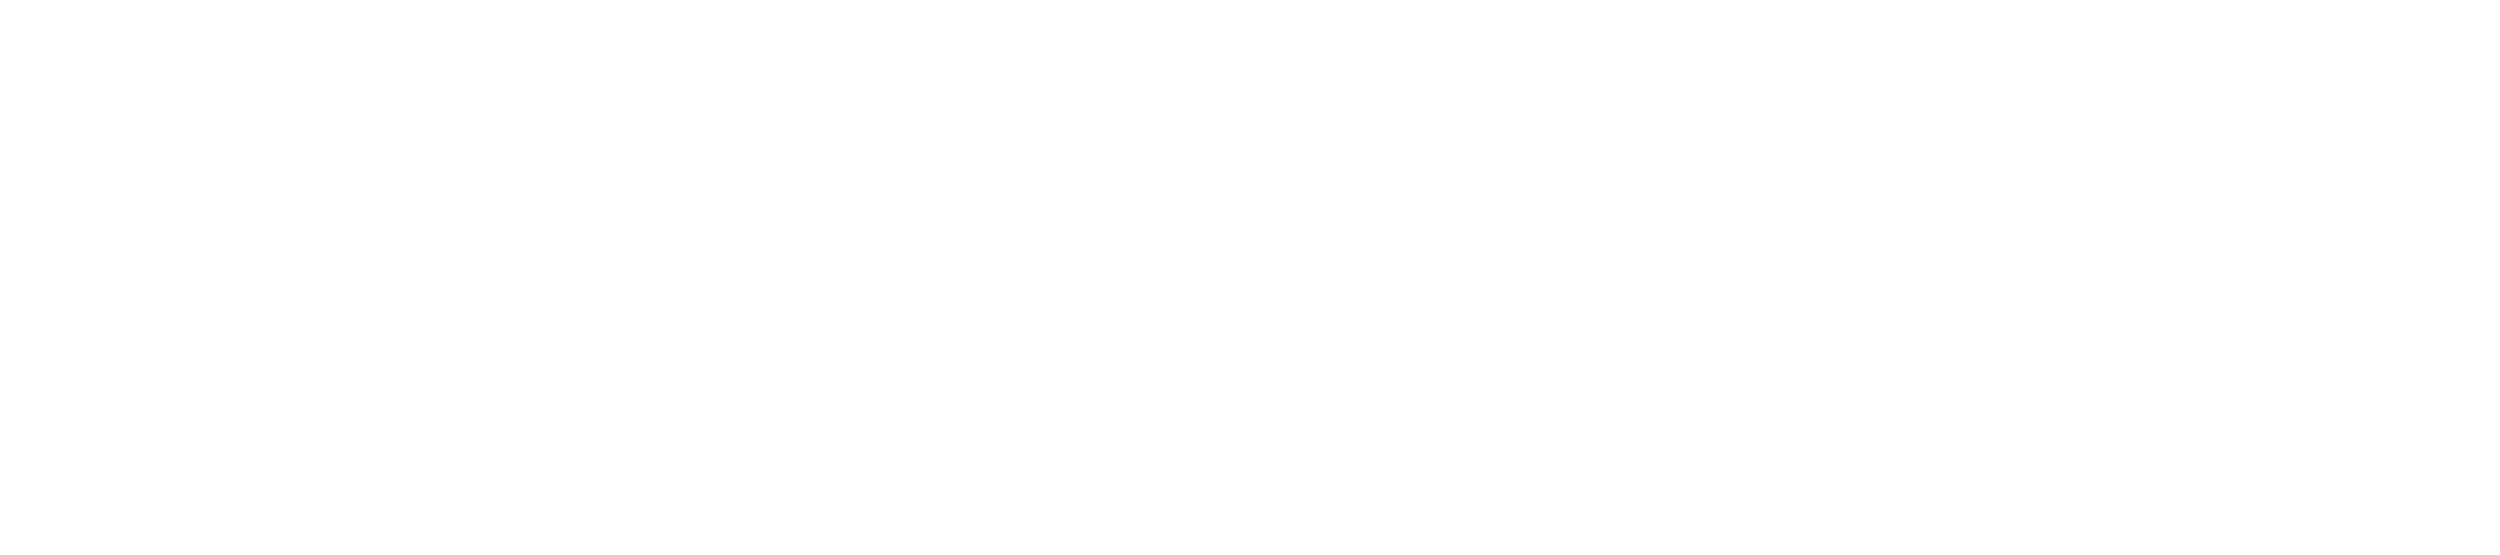 shinex-logo-white.png